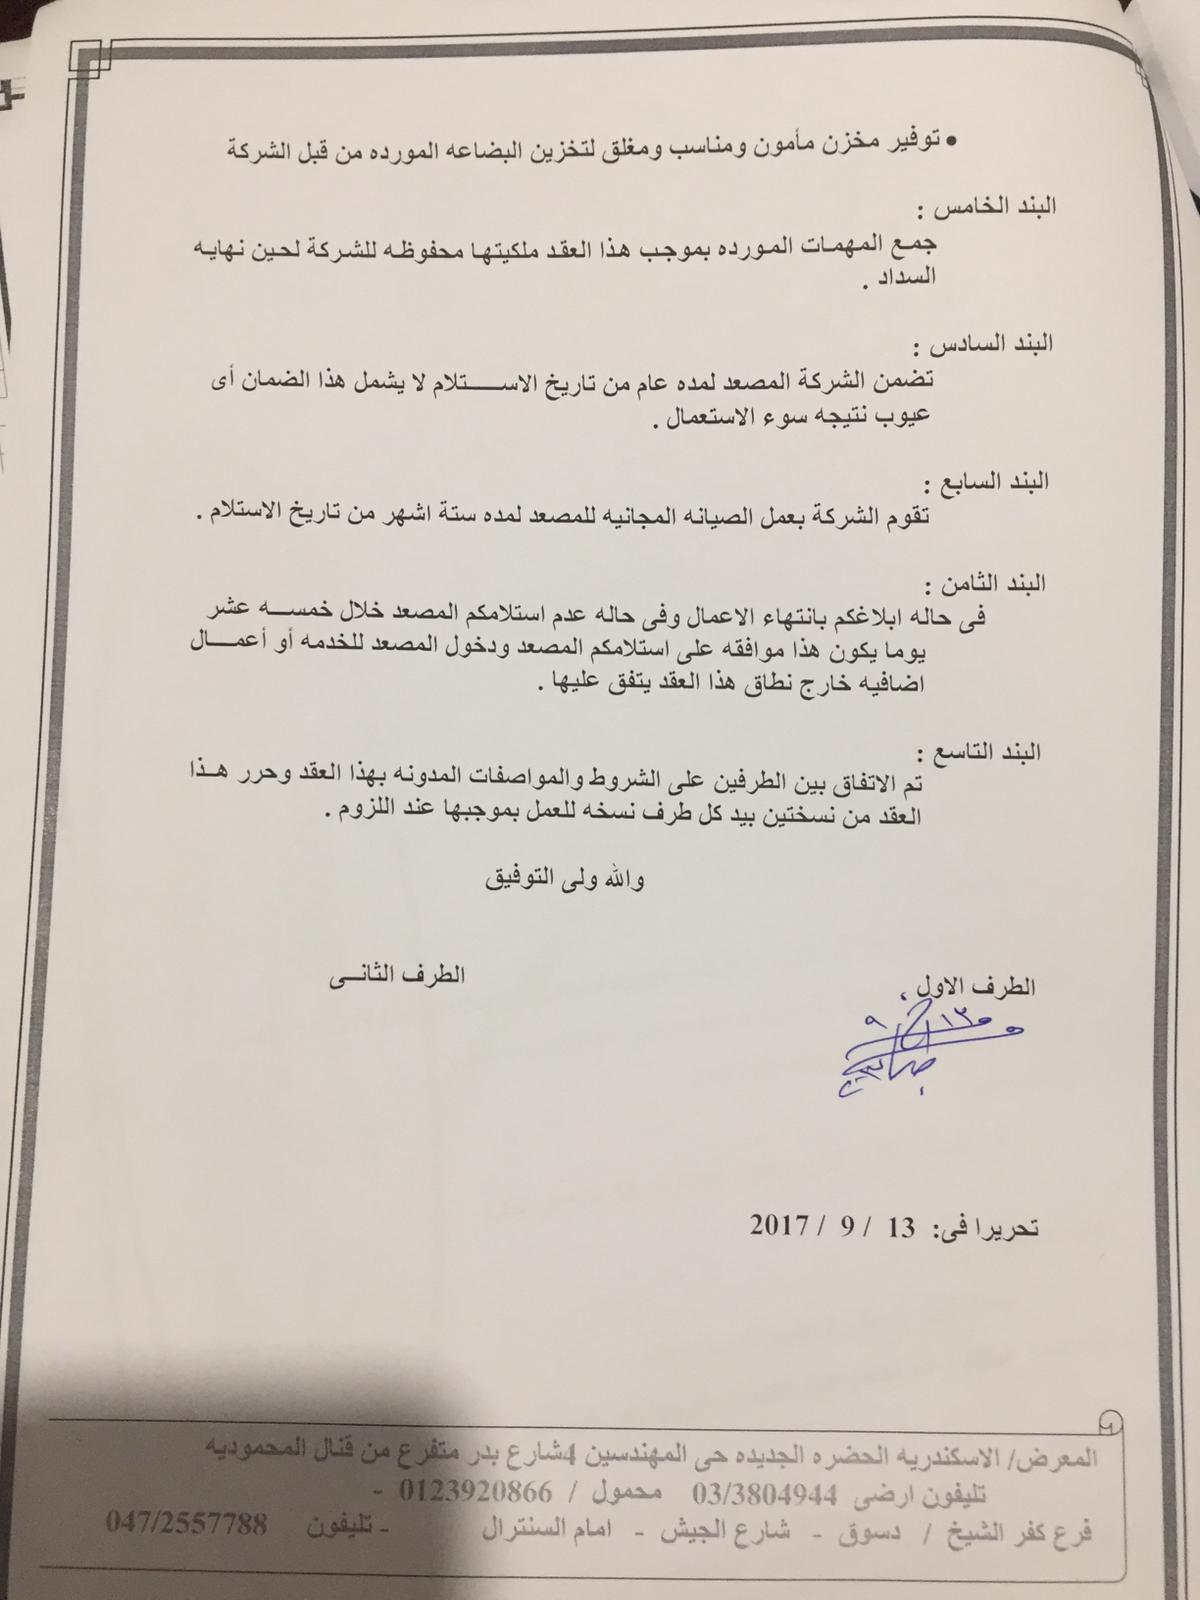 أزمة مشروع سيتي بالاس بالإسكندرية (60)